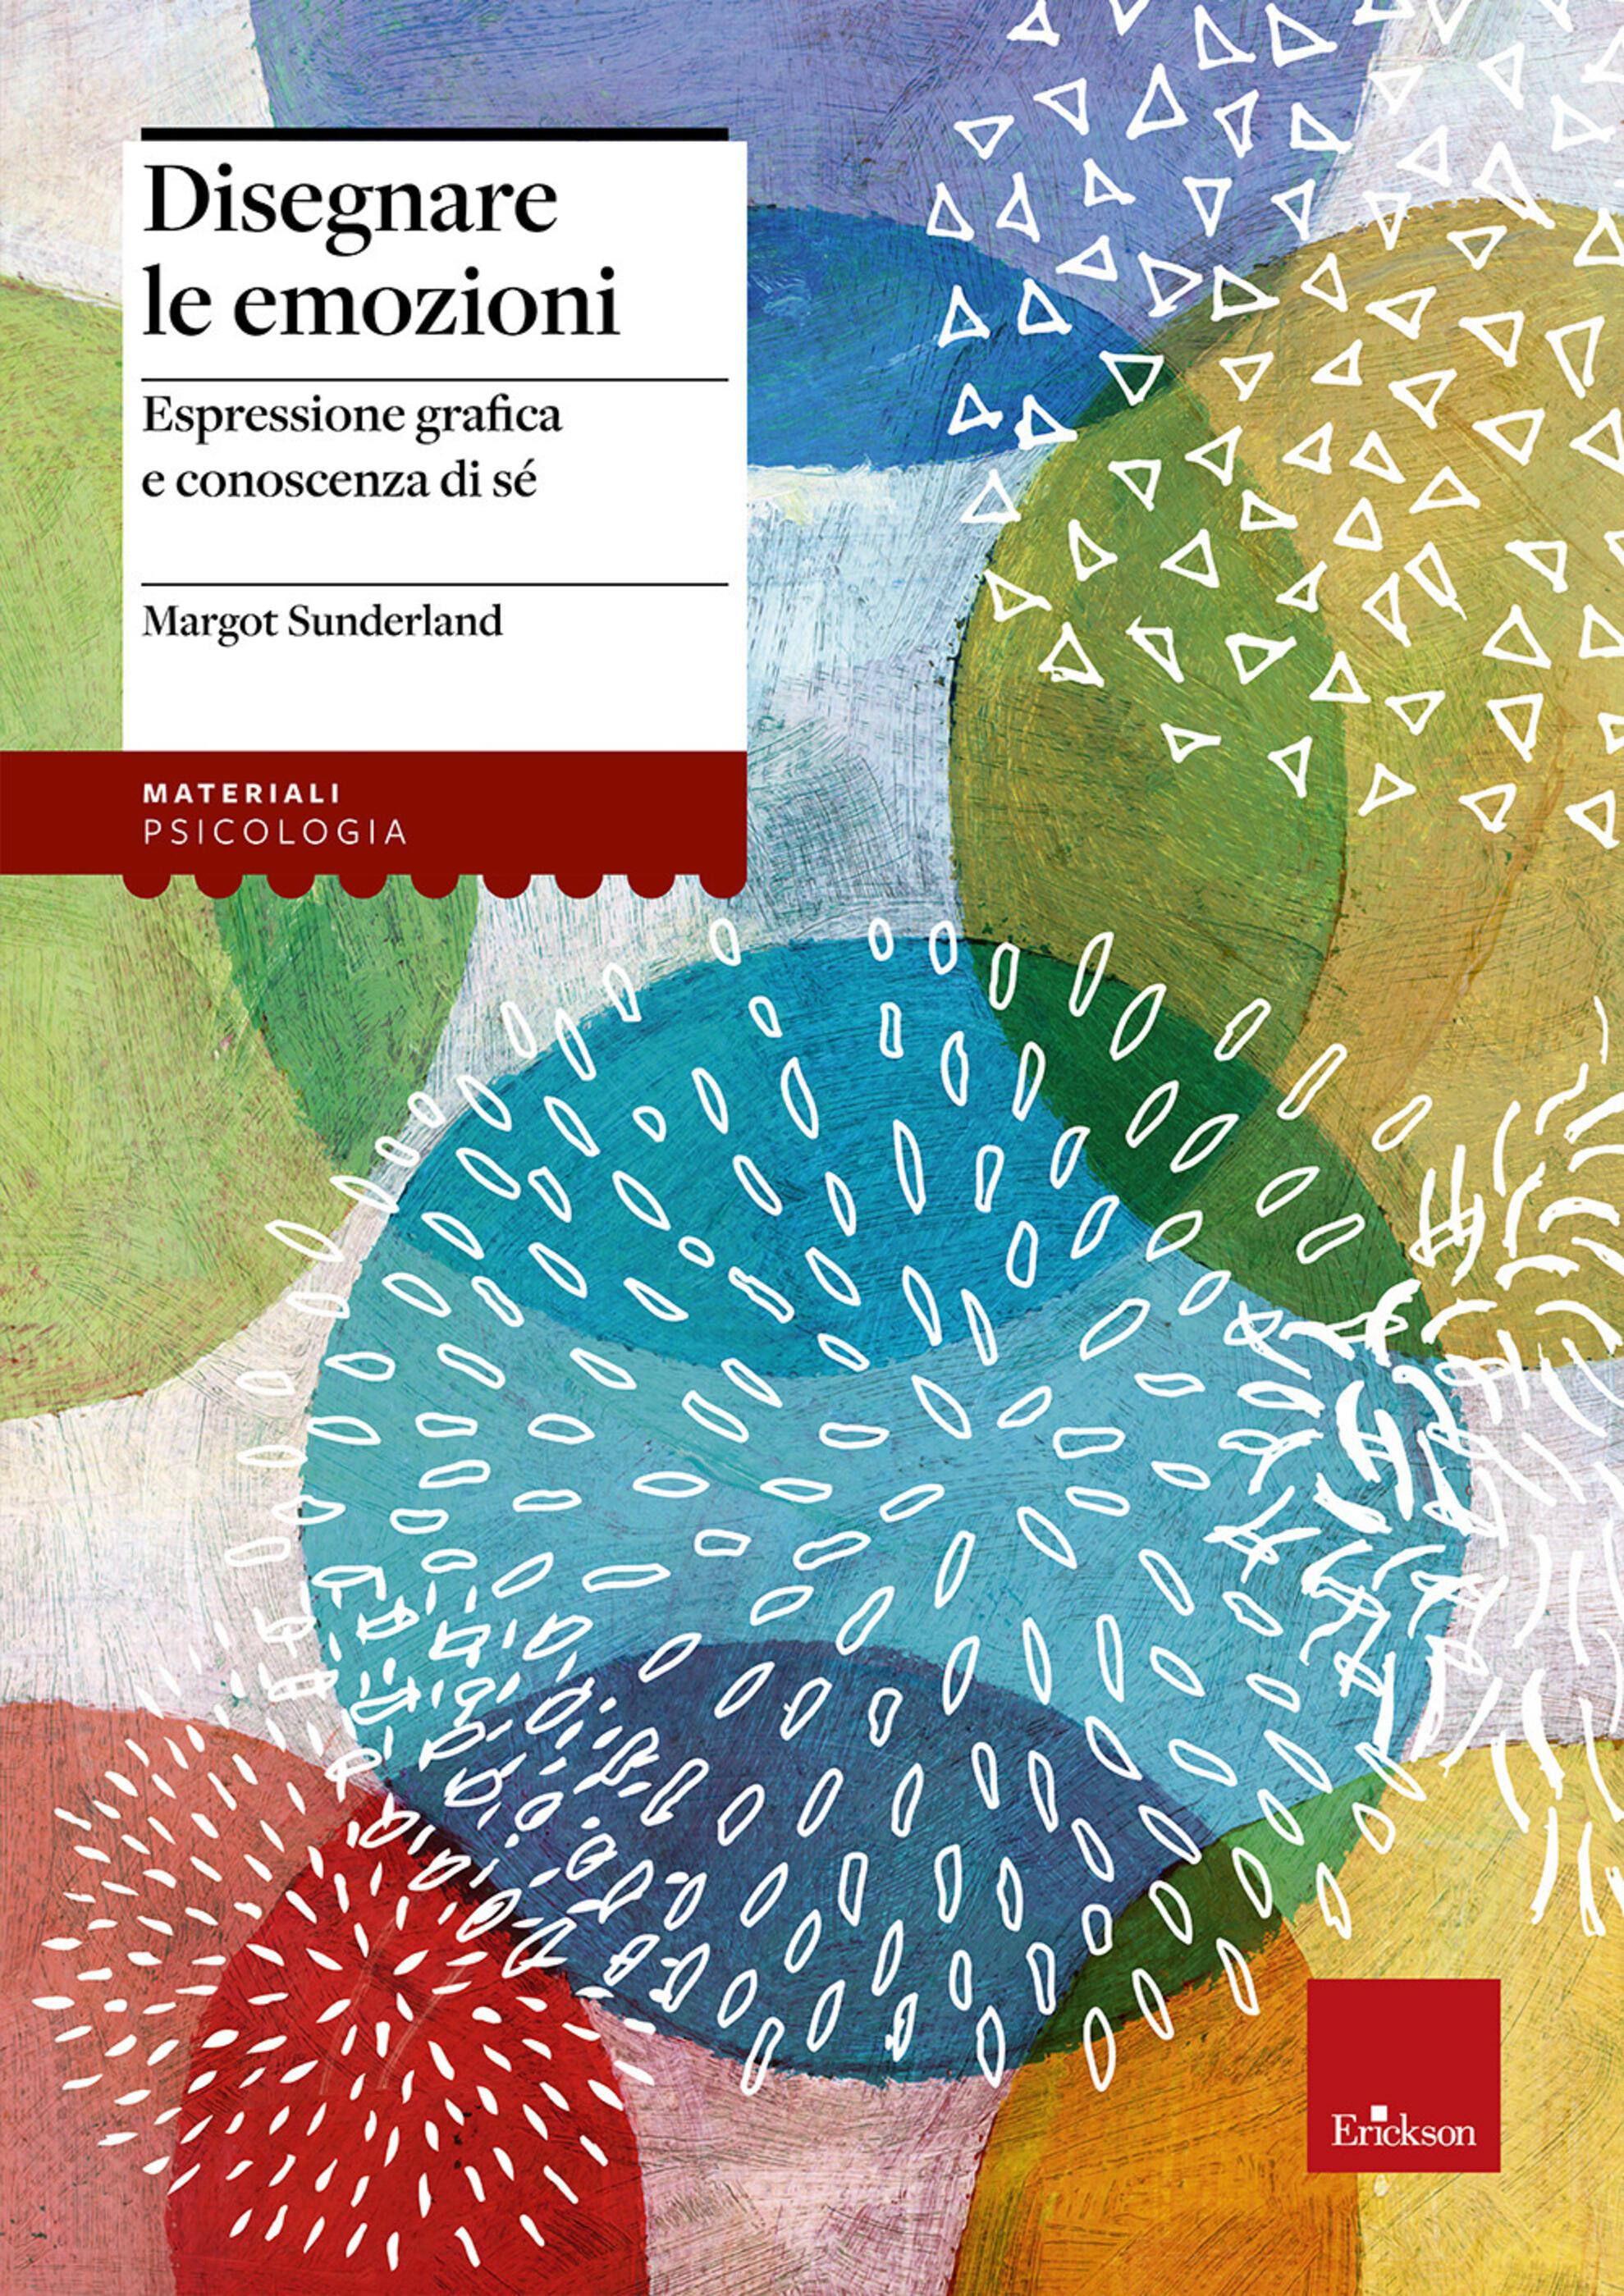 Collana Materiali Di Recupero E Sostegno Edita Da Erickson Libri Ibs